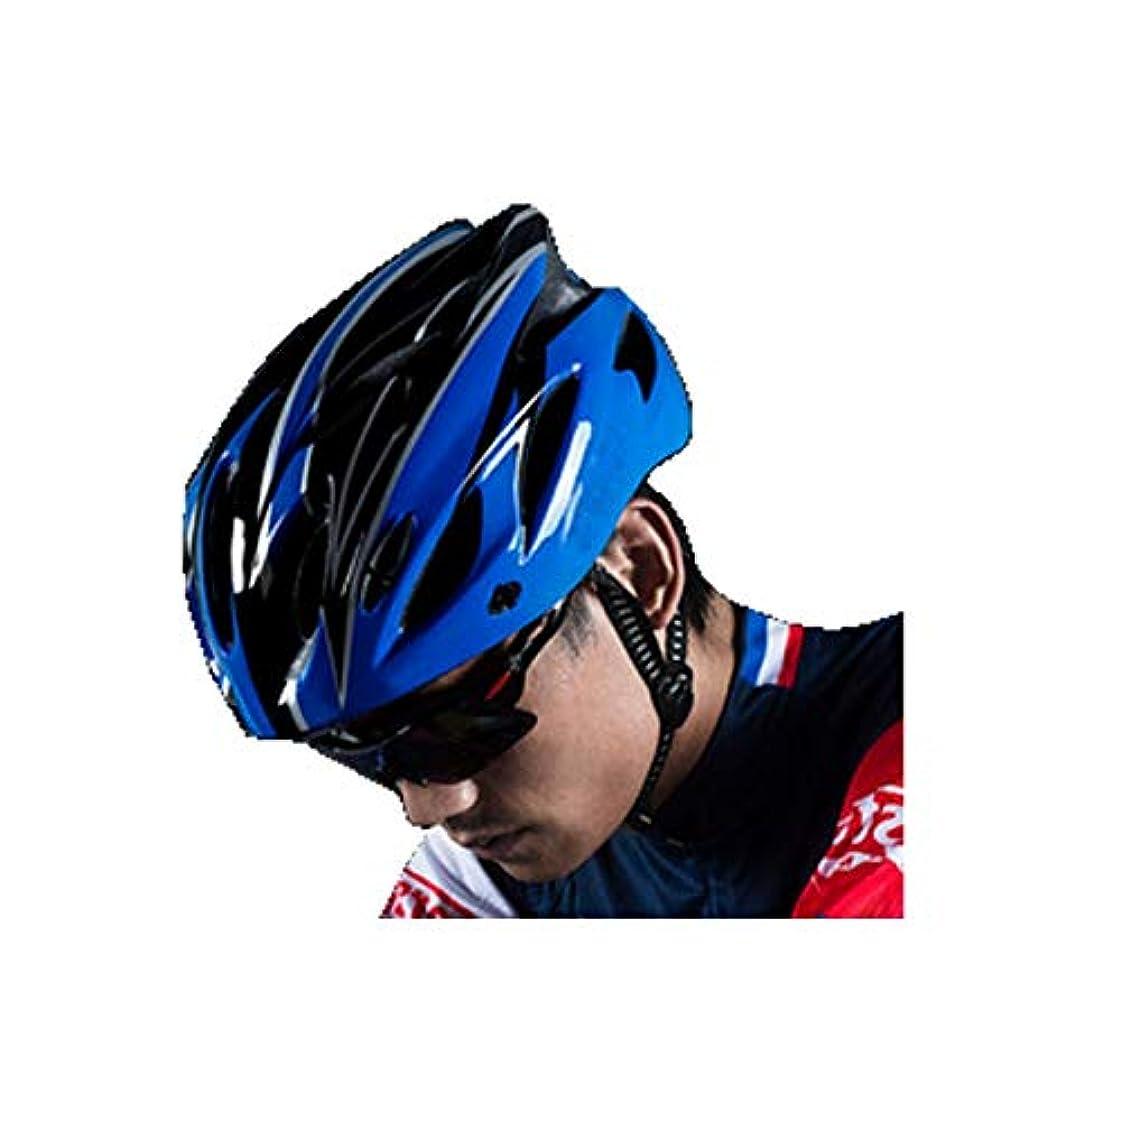 ボルト解説あなたはCQIANG エア自転車用ヘルメット、インモールド補強スケルトン、追加保護、55-64ヘッドの周囲に最適、青、赤、白、緑、黄色 ComfortSafety